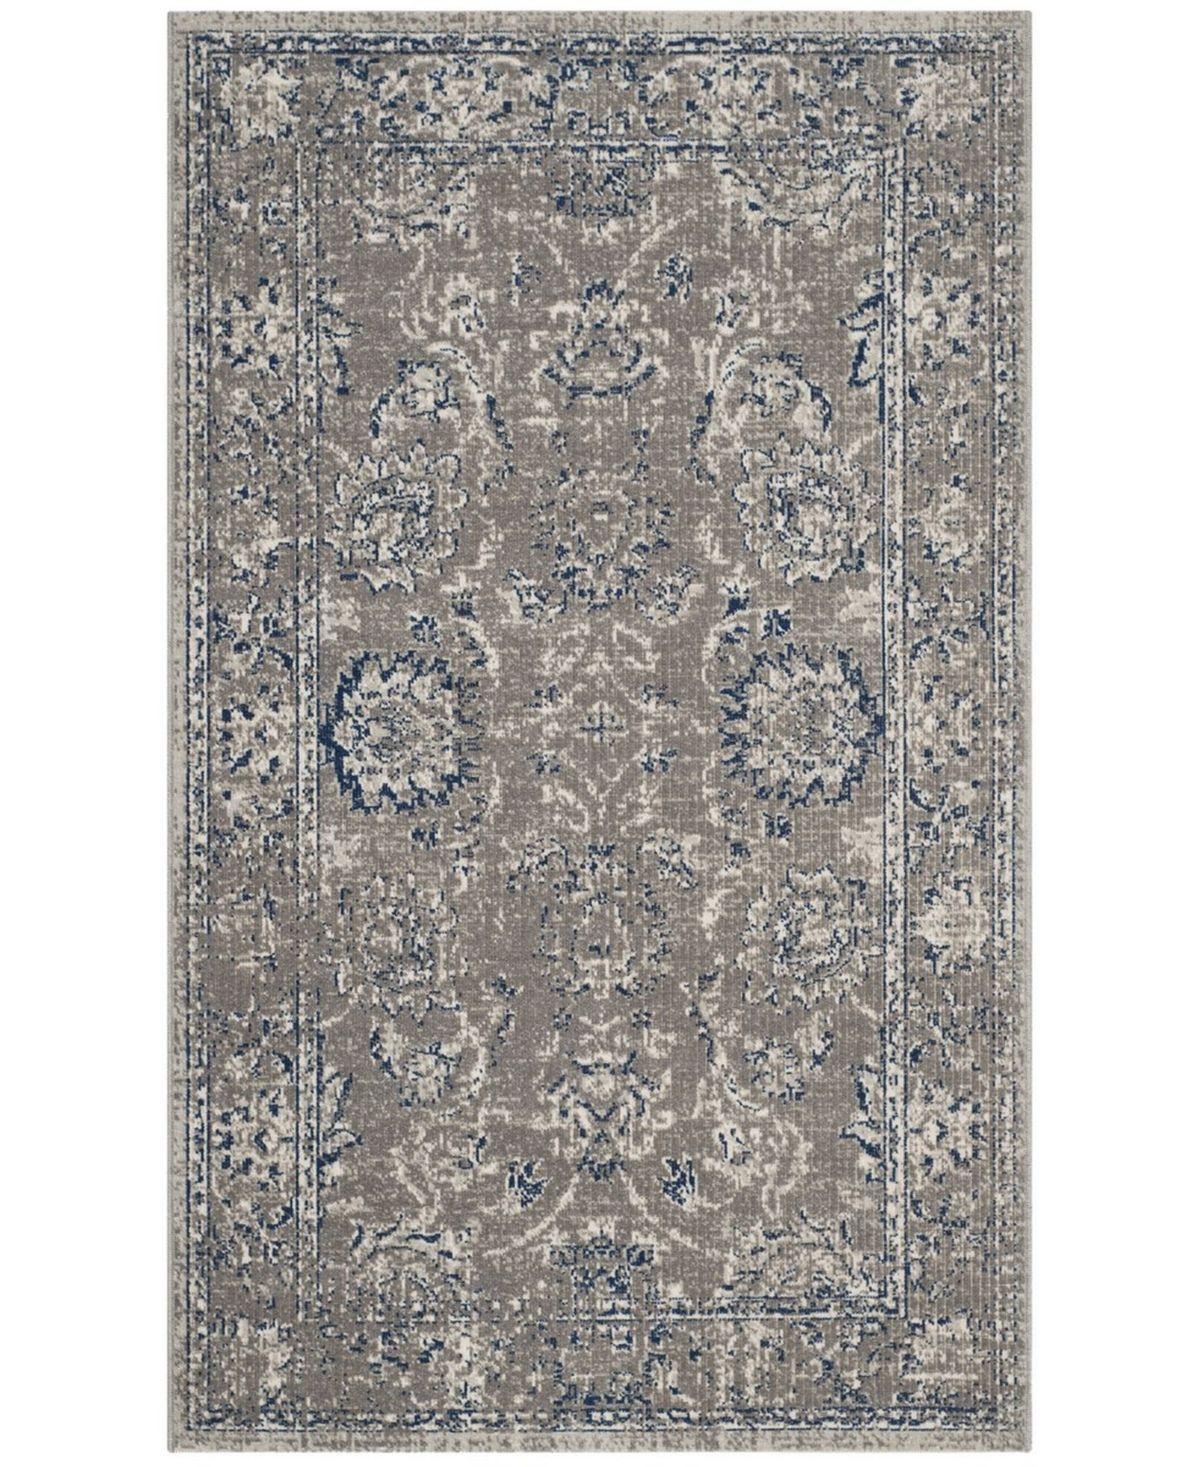 Safavieh Artisan Dark Gray And Blue 3 X 5 Area Rug Reviews